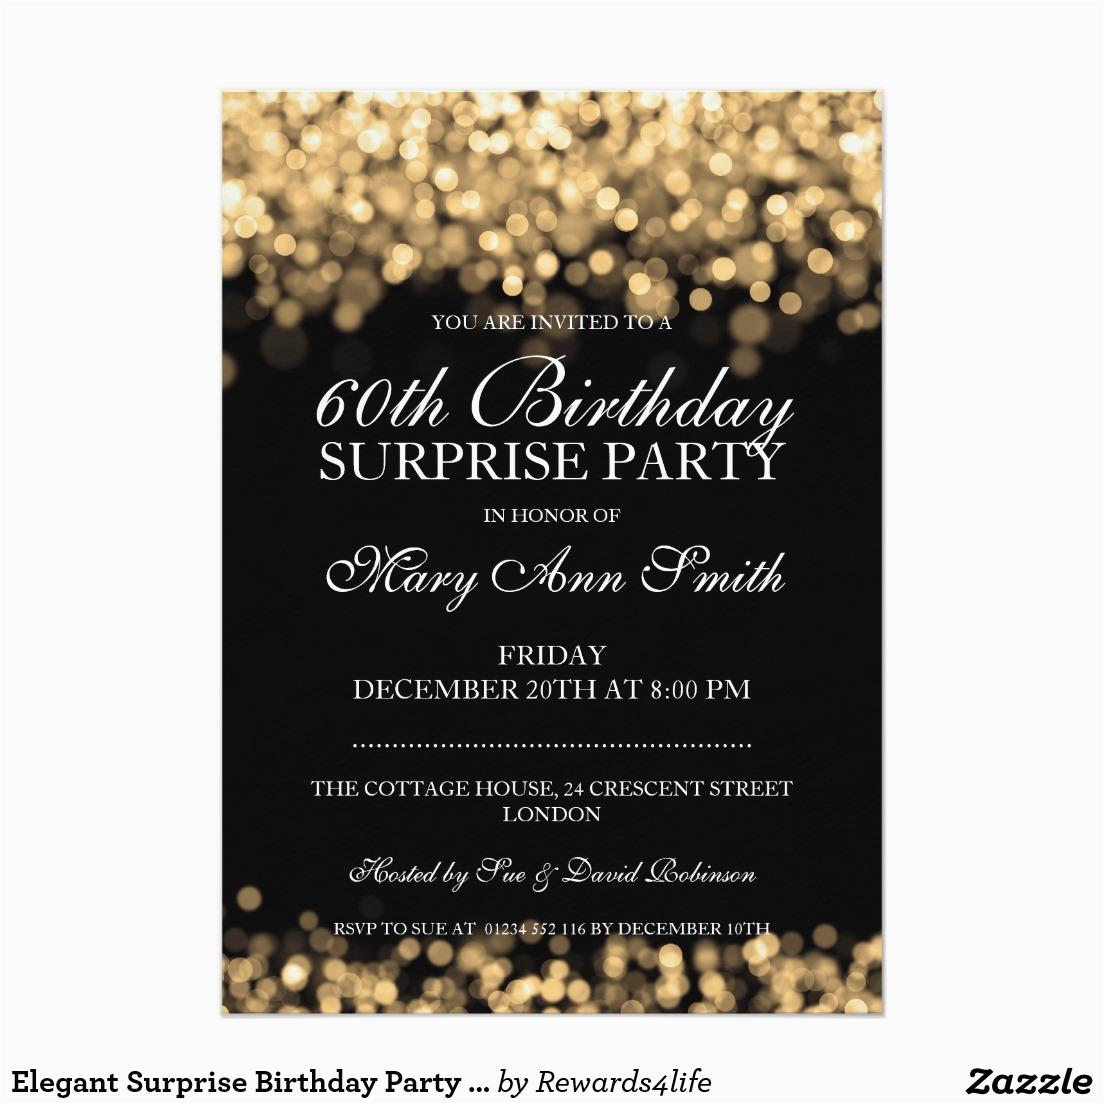 60th Birthday Invite Ideas Surprise Party Invitations Dolanpedia